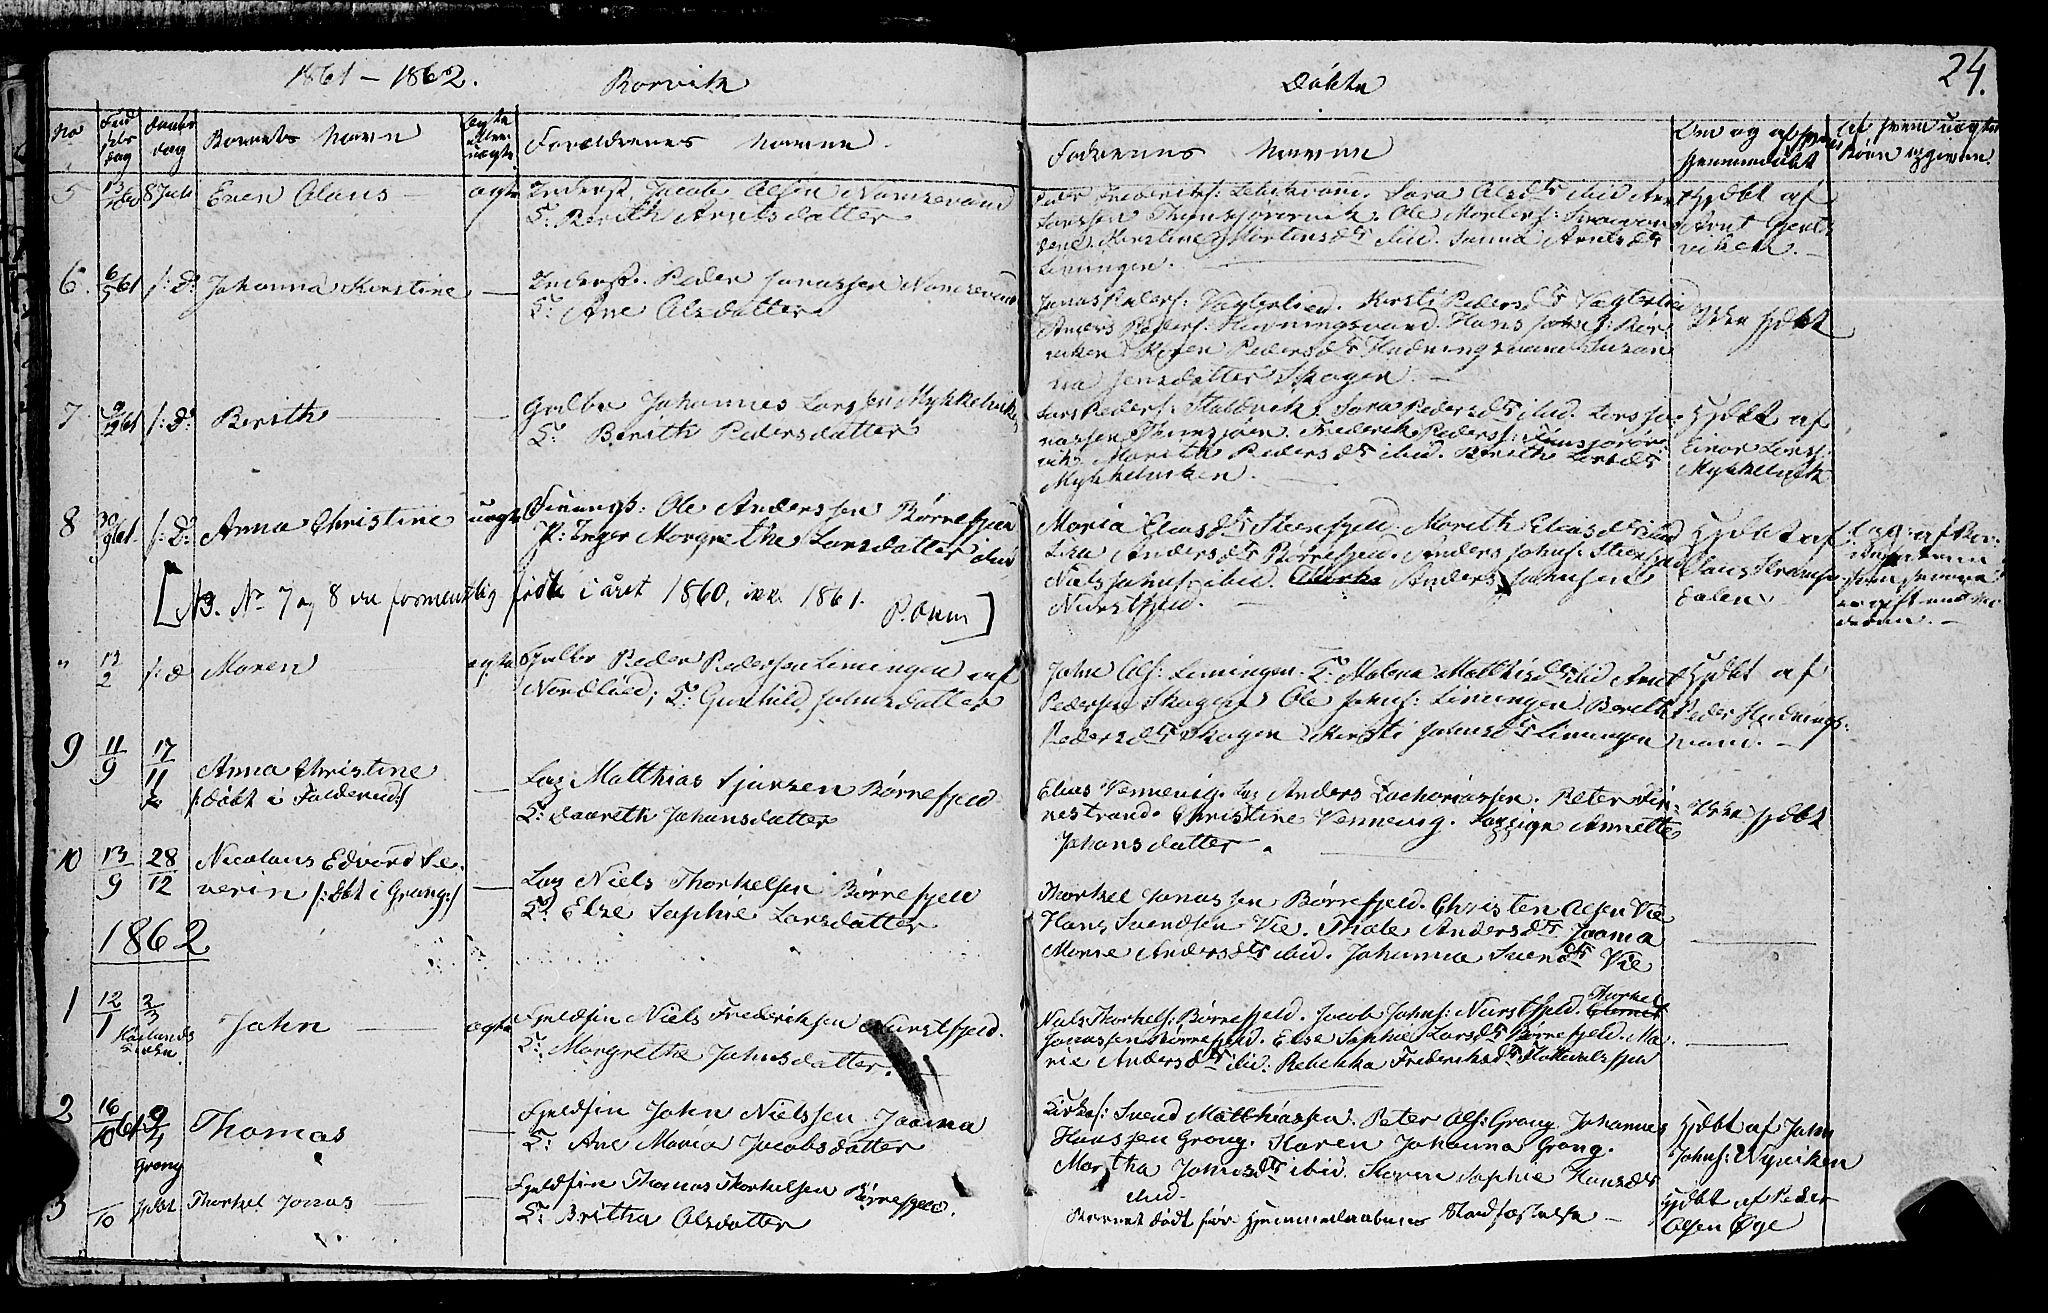 SAT, Ministerialprotokoller, klokkerbøker og fødselsregistre - Nord-Trøndelag, 762/L0538: Ministerialbok nr. 762A02 /1, 1833-1879, s. 24